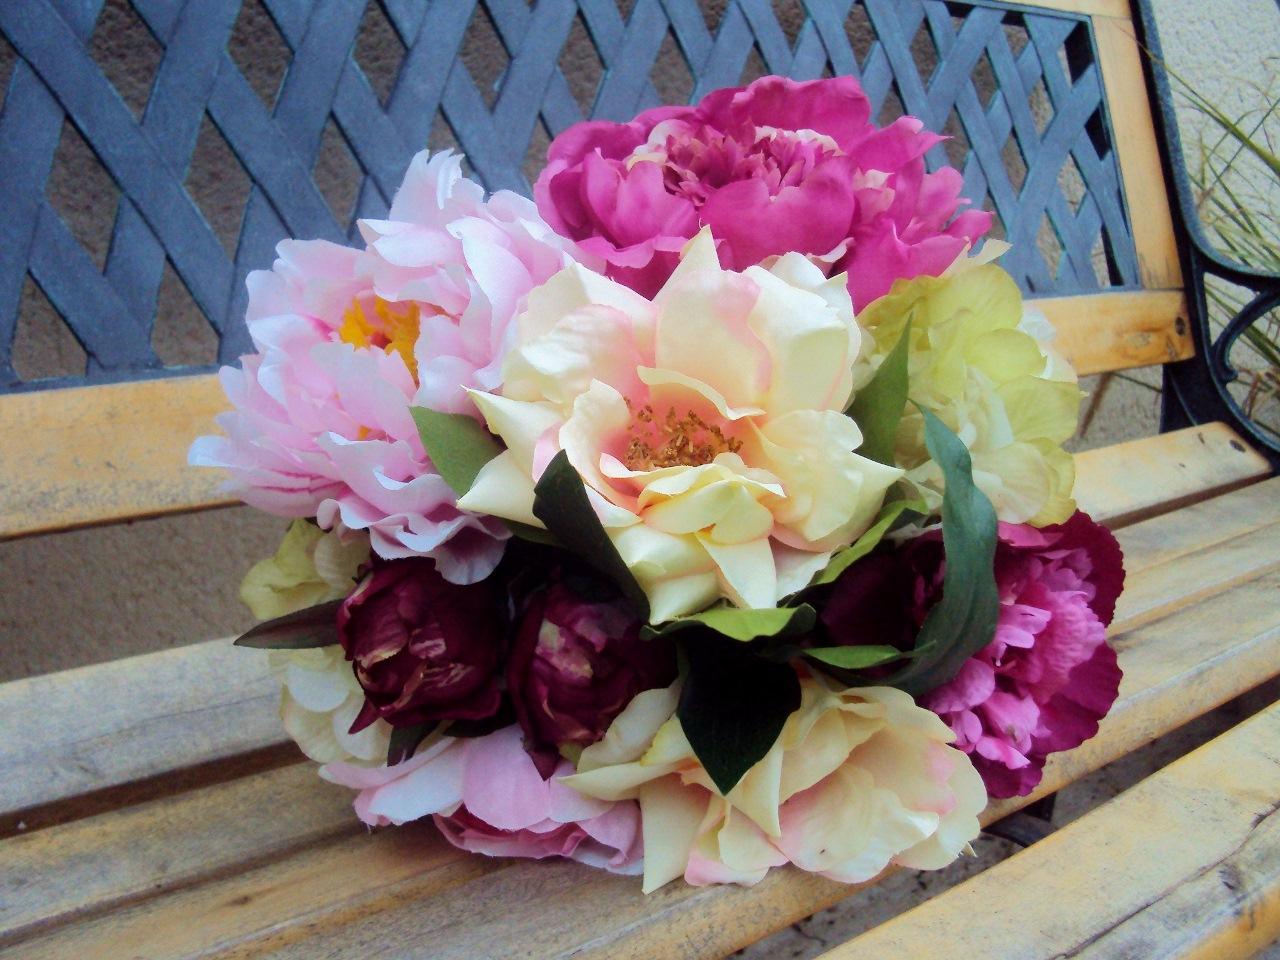 Bouquet pivoines hortensias roses sauvages fleurs artificielles qualite luxe - Bouquet fleurs artificielles ...